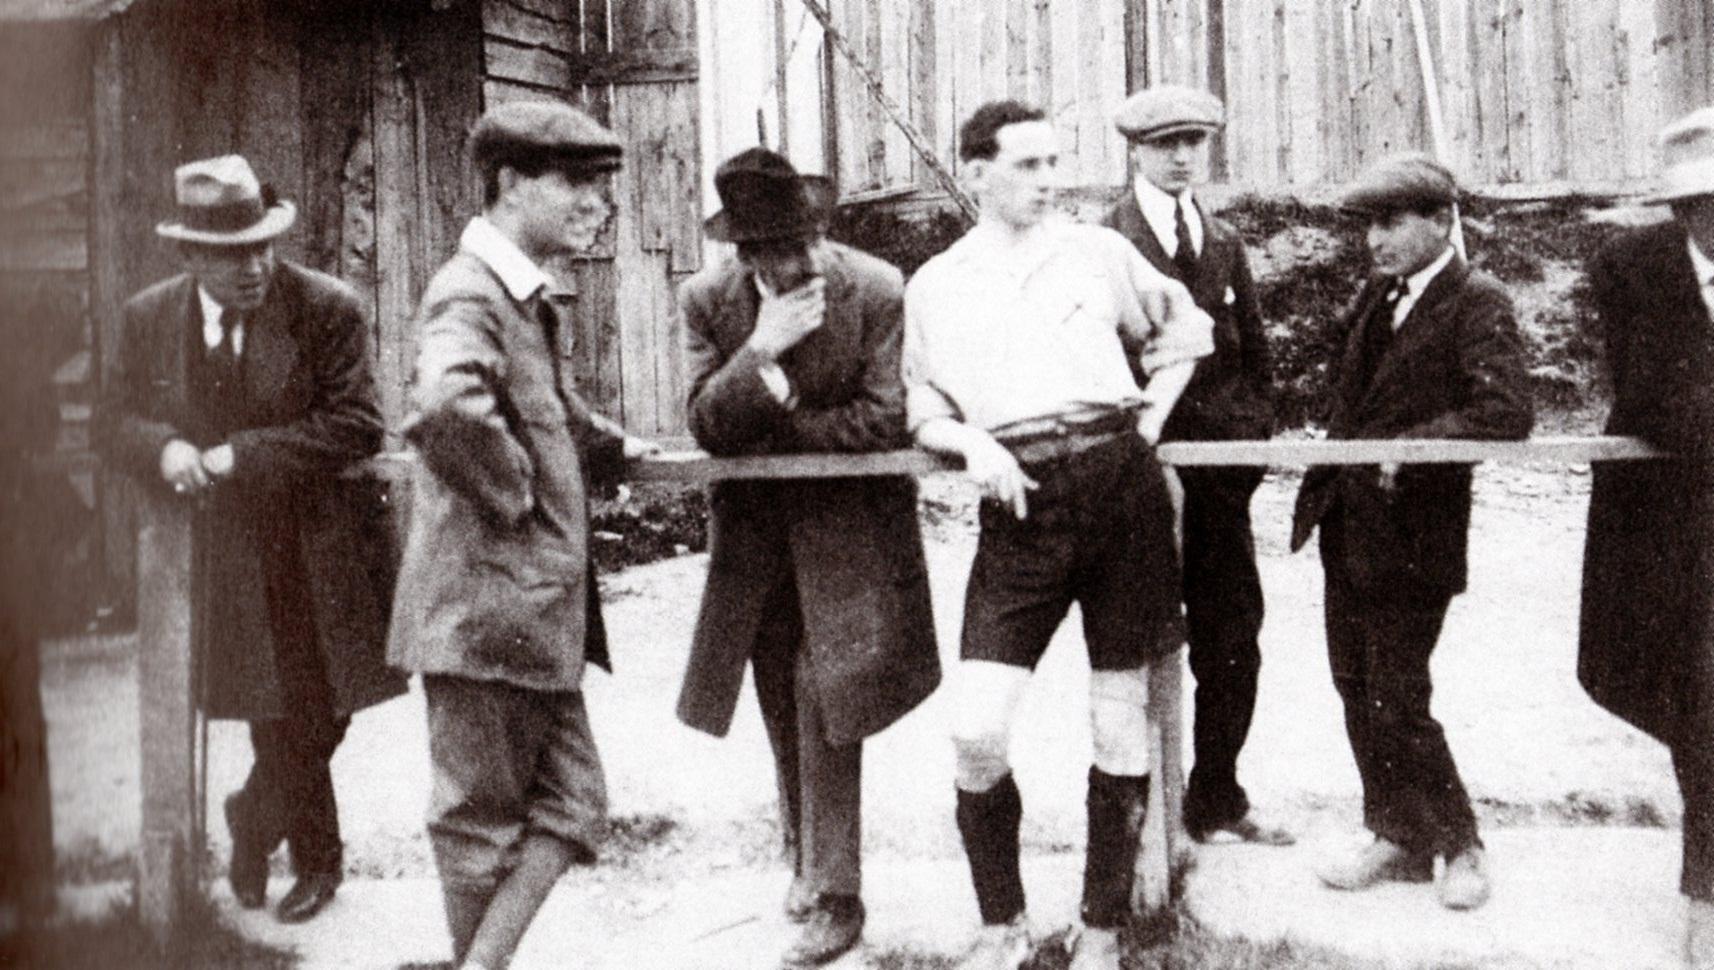 George Smith allenatore-giocatore ingaggiato dal Genoa Club; a lui si deve la nascita della scuola alessandrina